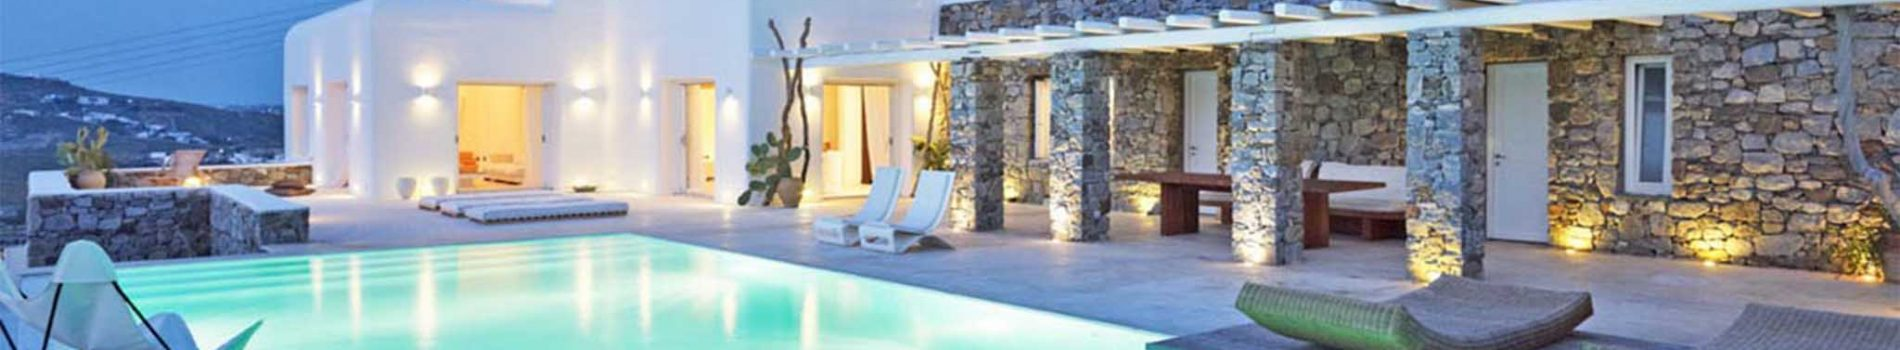 Mykonos-Villas-for-sale